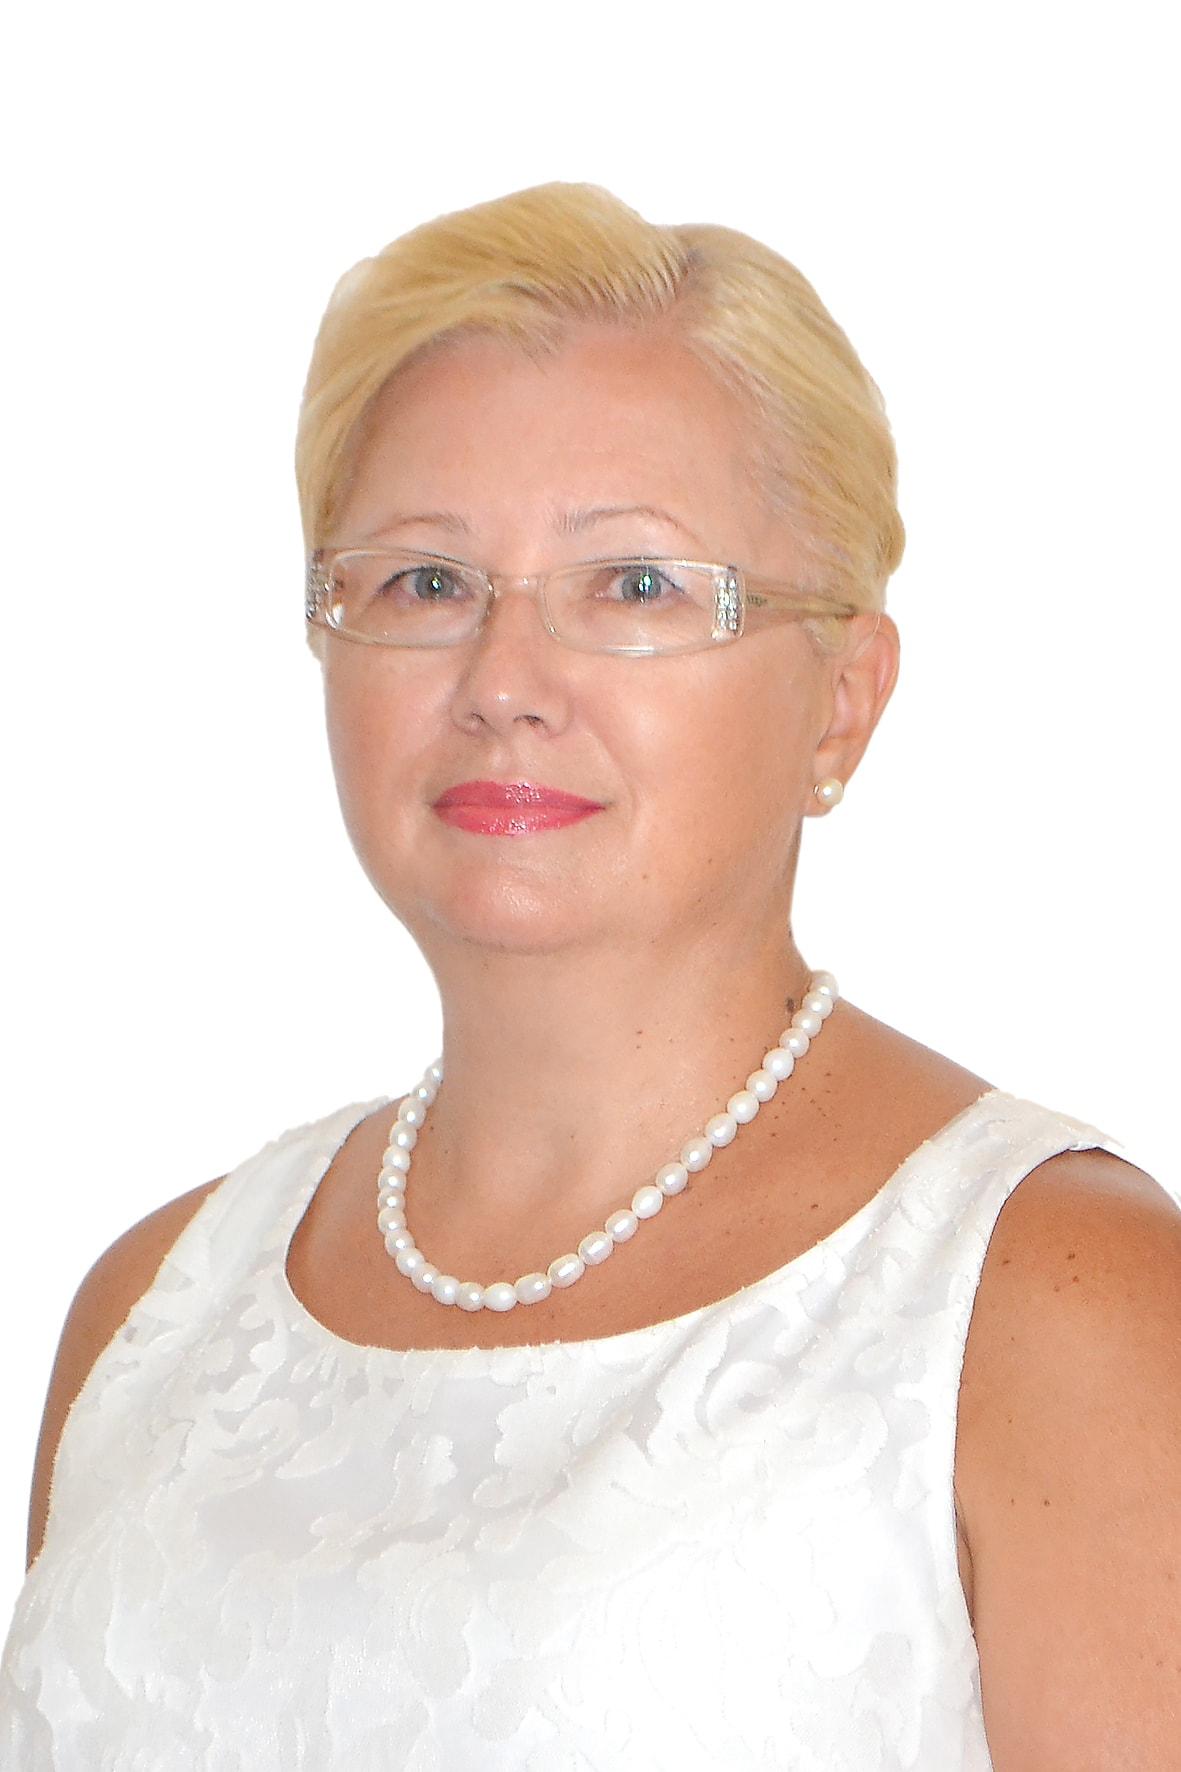 Петровська Тетяна Валентинівна - завідувач кафедри психології і педагогіки